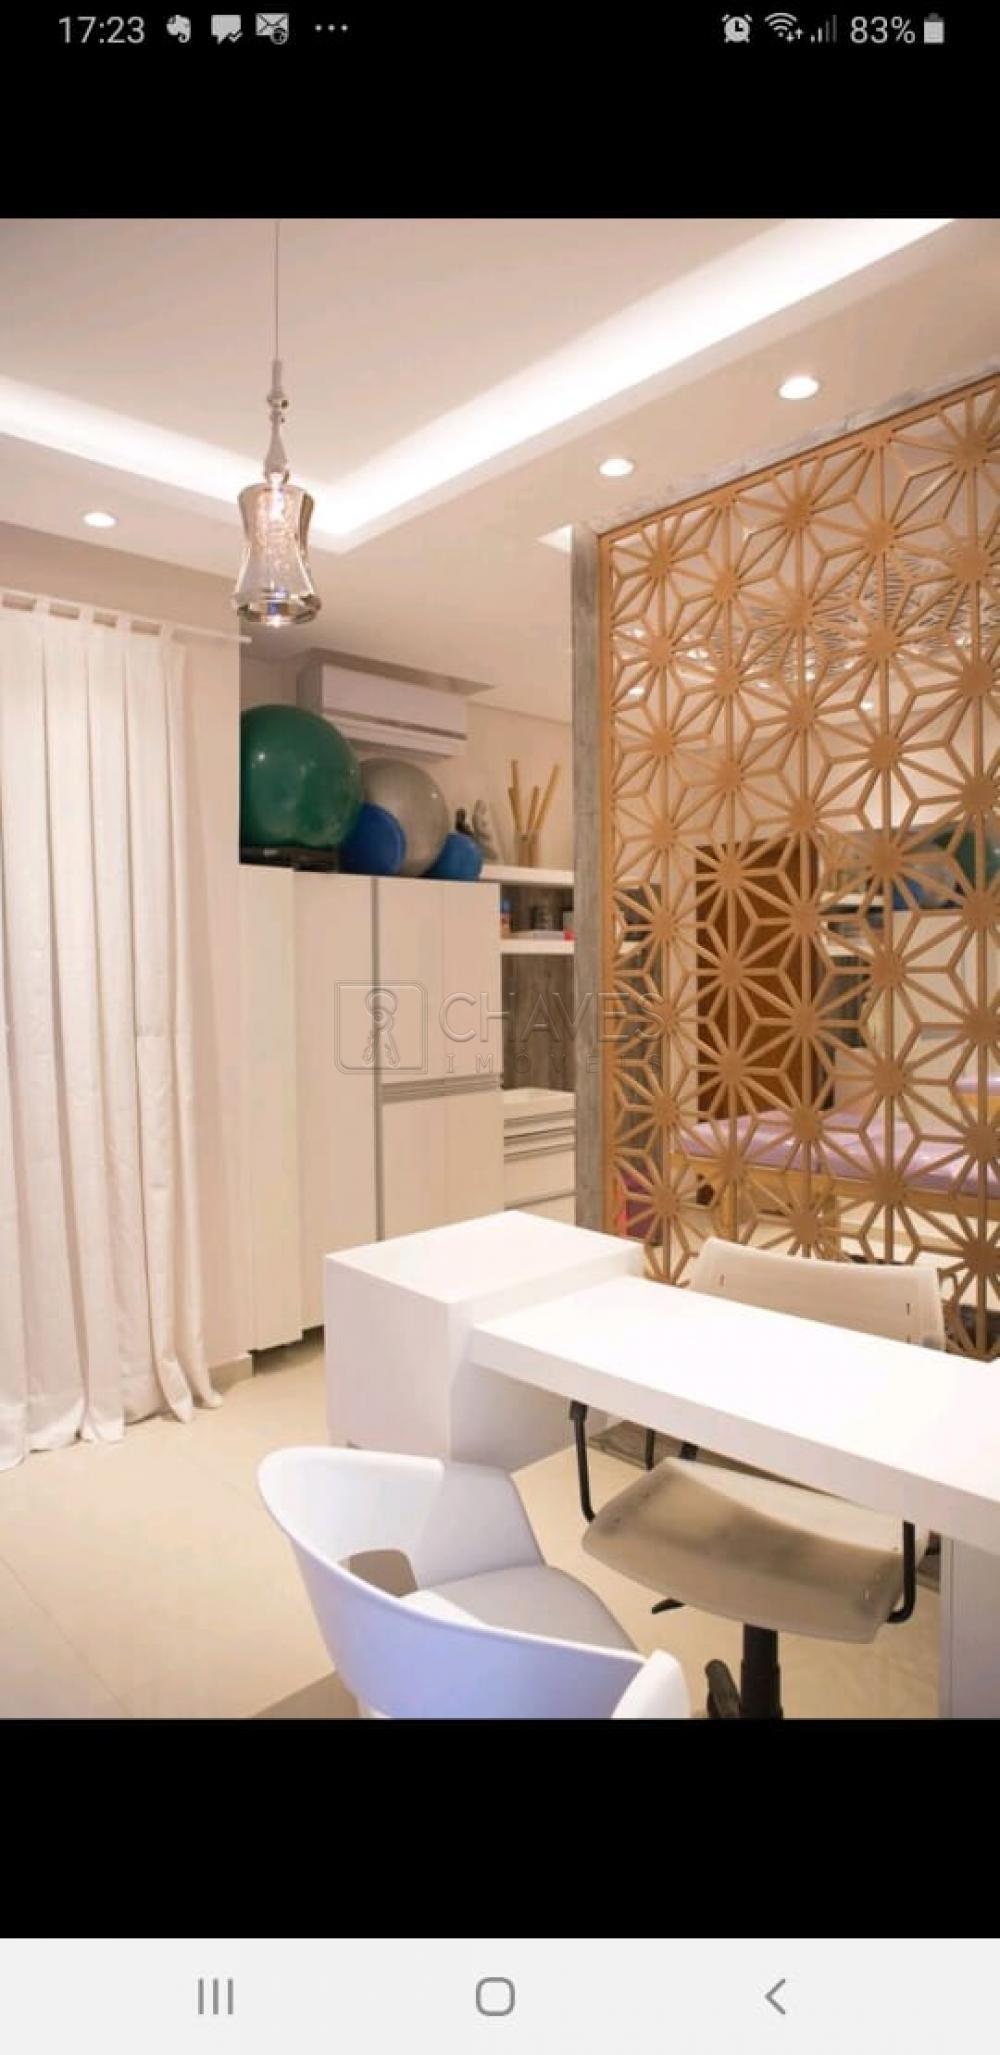 Comprar Comercial / Sala em Condomínio em Ribeirão Preto R$ 130.000,00 - Foto 2